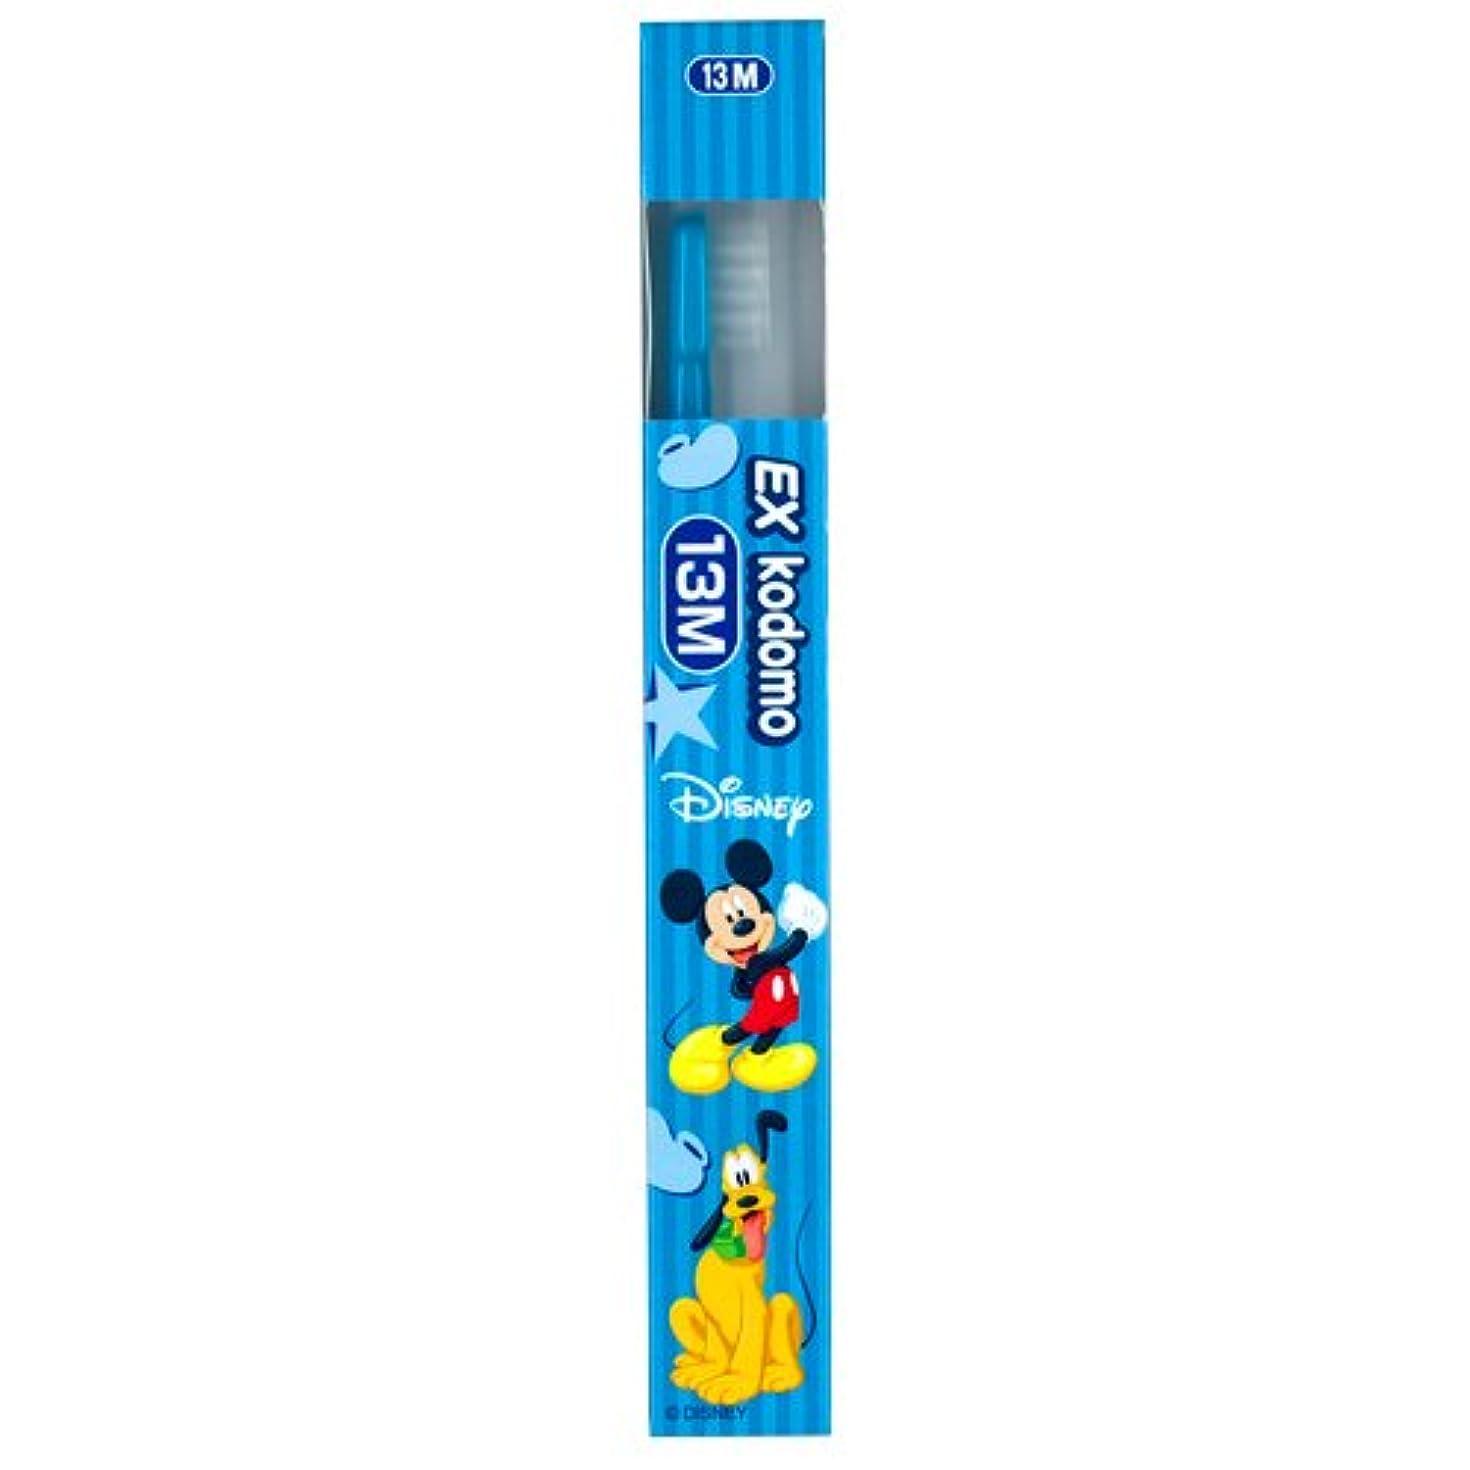 歌詞特別に茎ライオン EX kodomo ディズニー 歯ブラシ 1本 13M ブルー